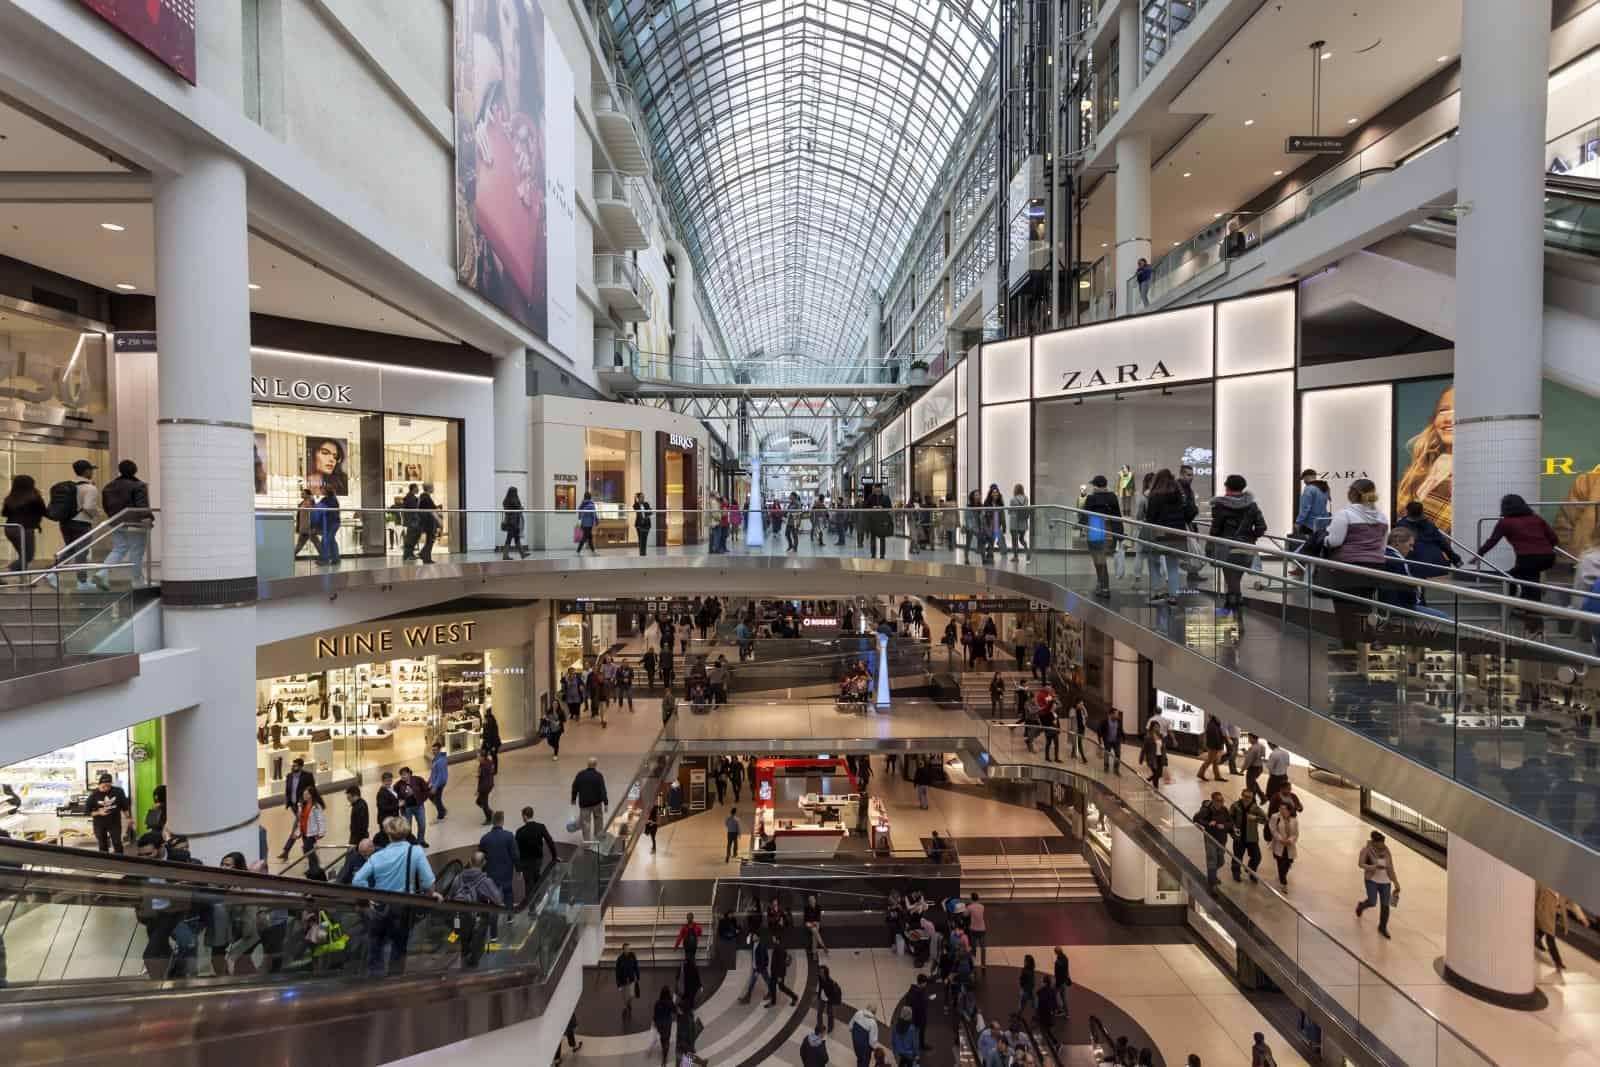 Das Eaton Centre in Toronto, mit einer Million Besuchern in der Woche eine der Haupttouristen-Attraktionen der Stadt Foto p.lange